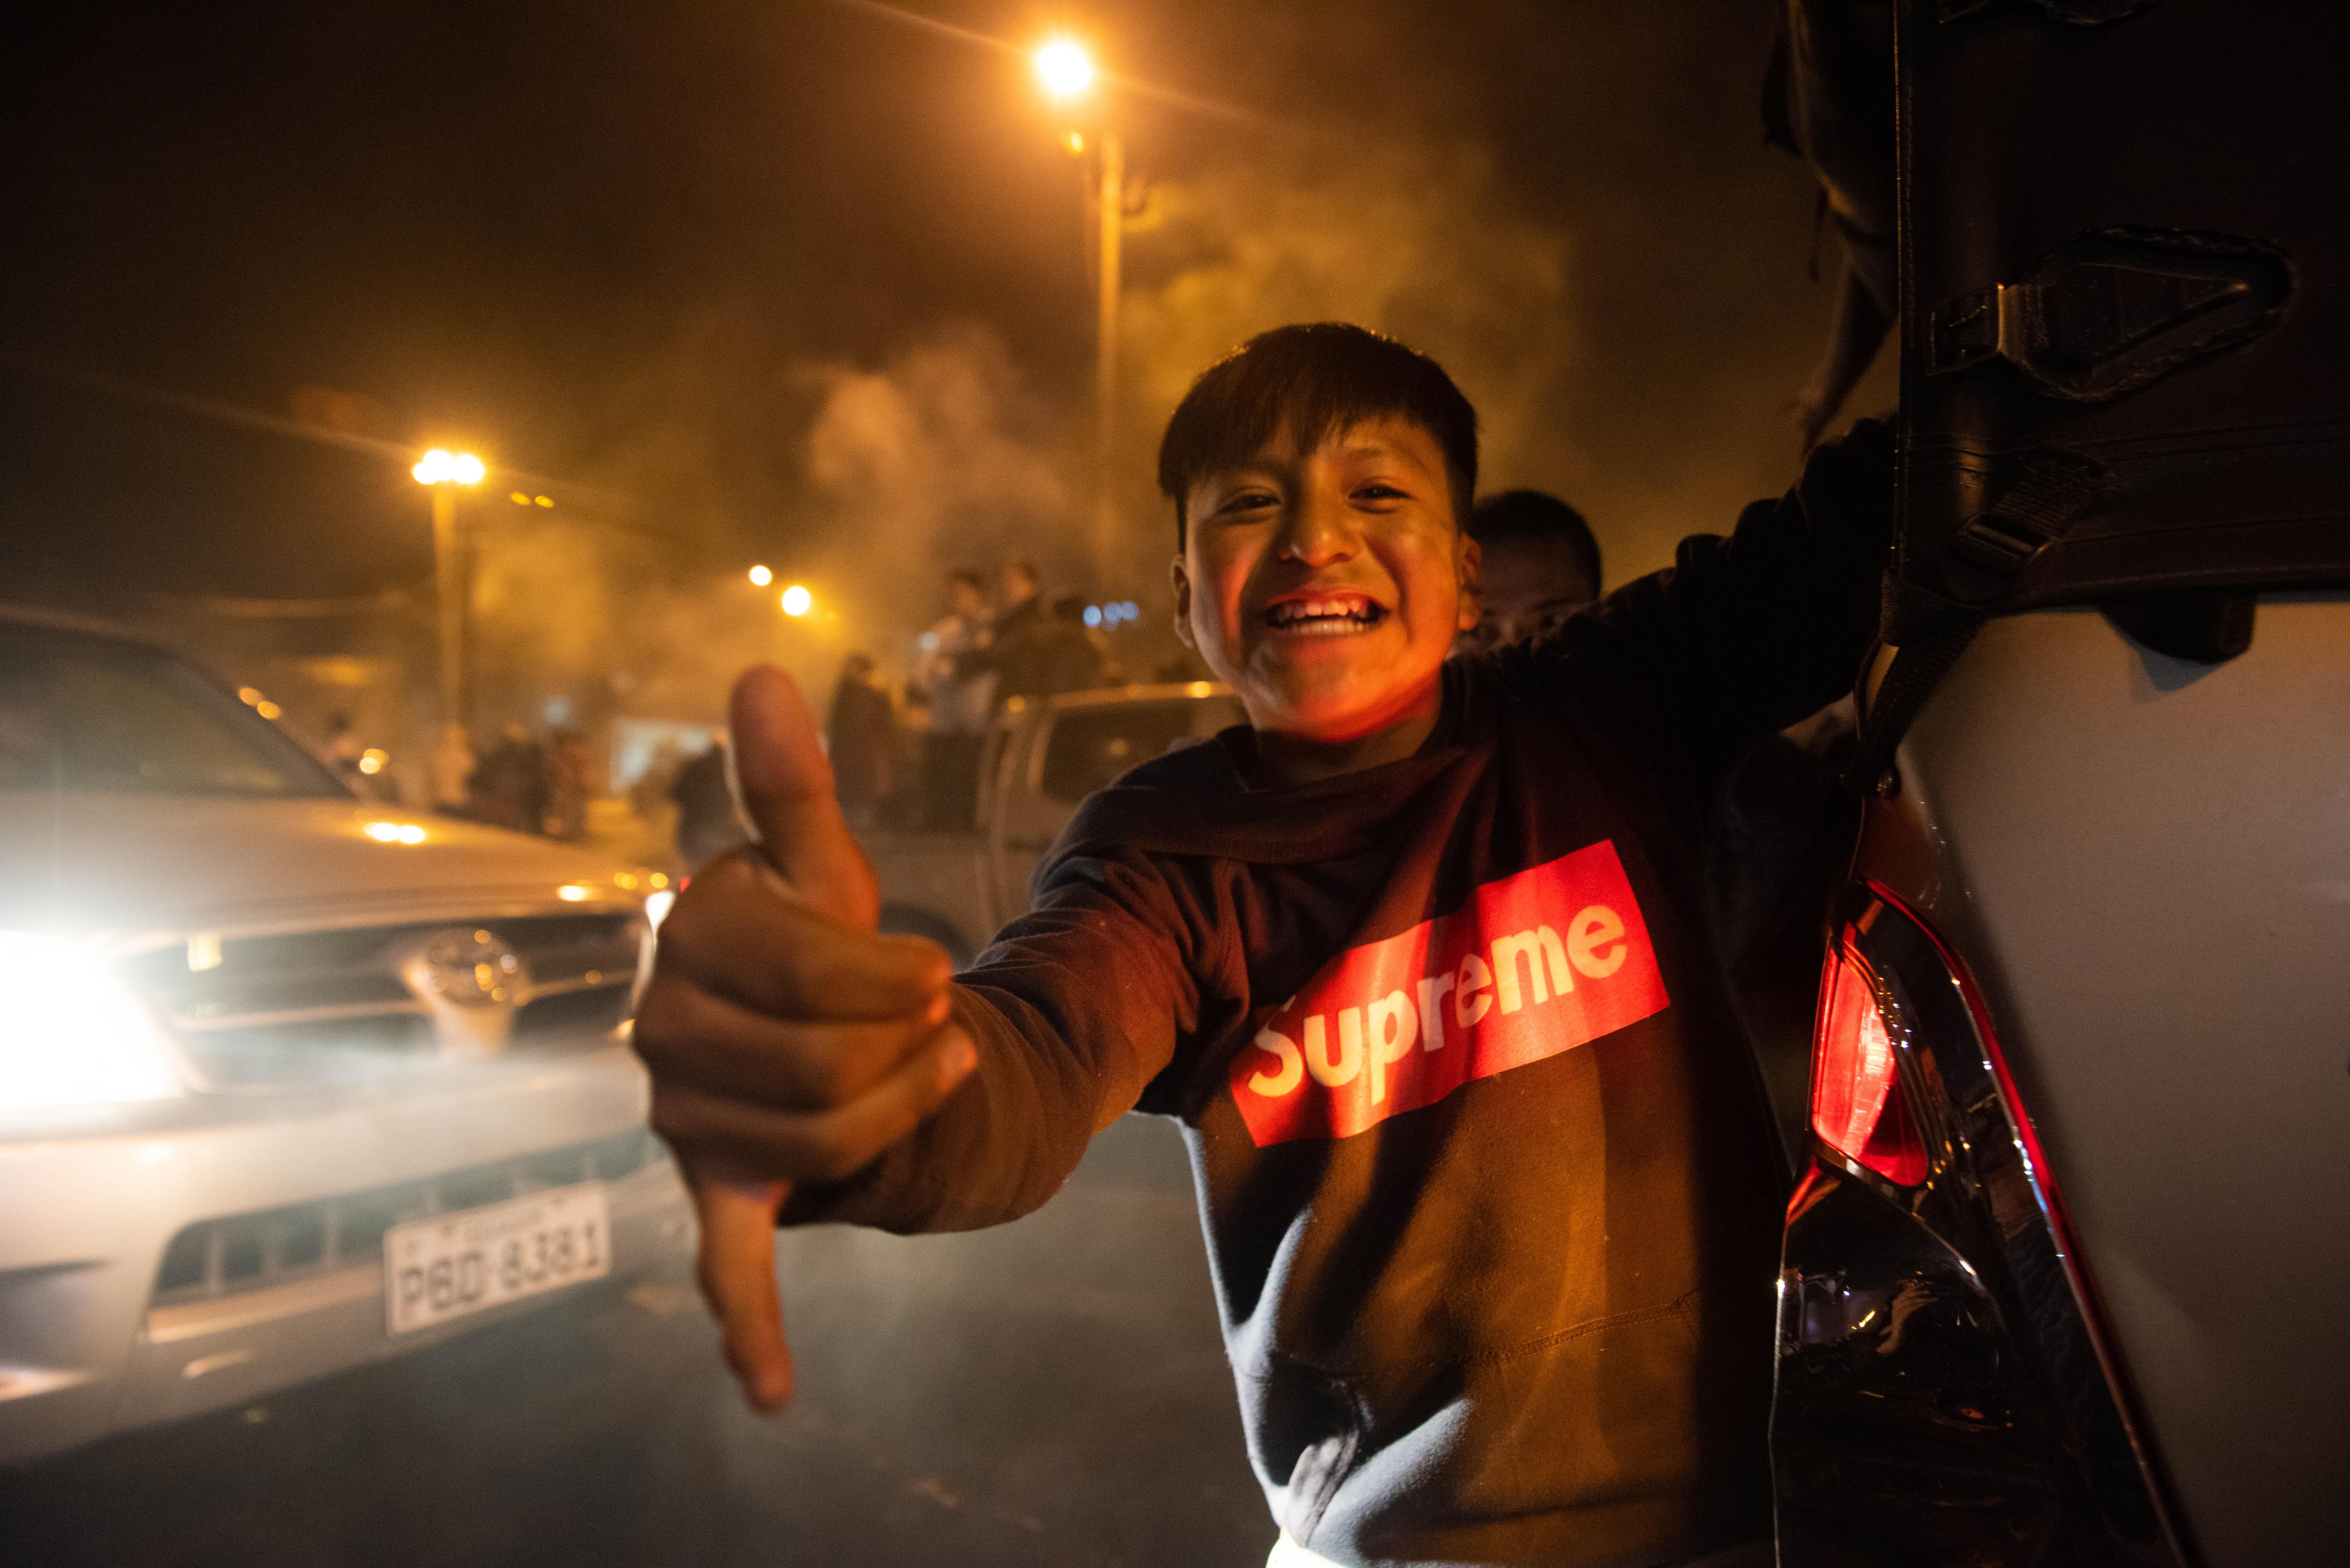 Un niño alegre sonríe para la cámara durante los festejos por la derogación del decreto 883 en Quito.